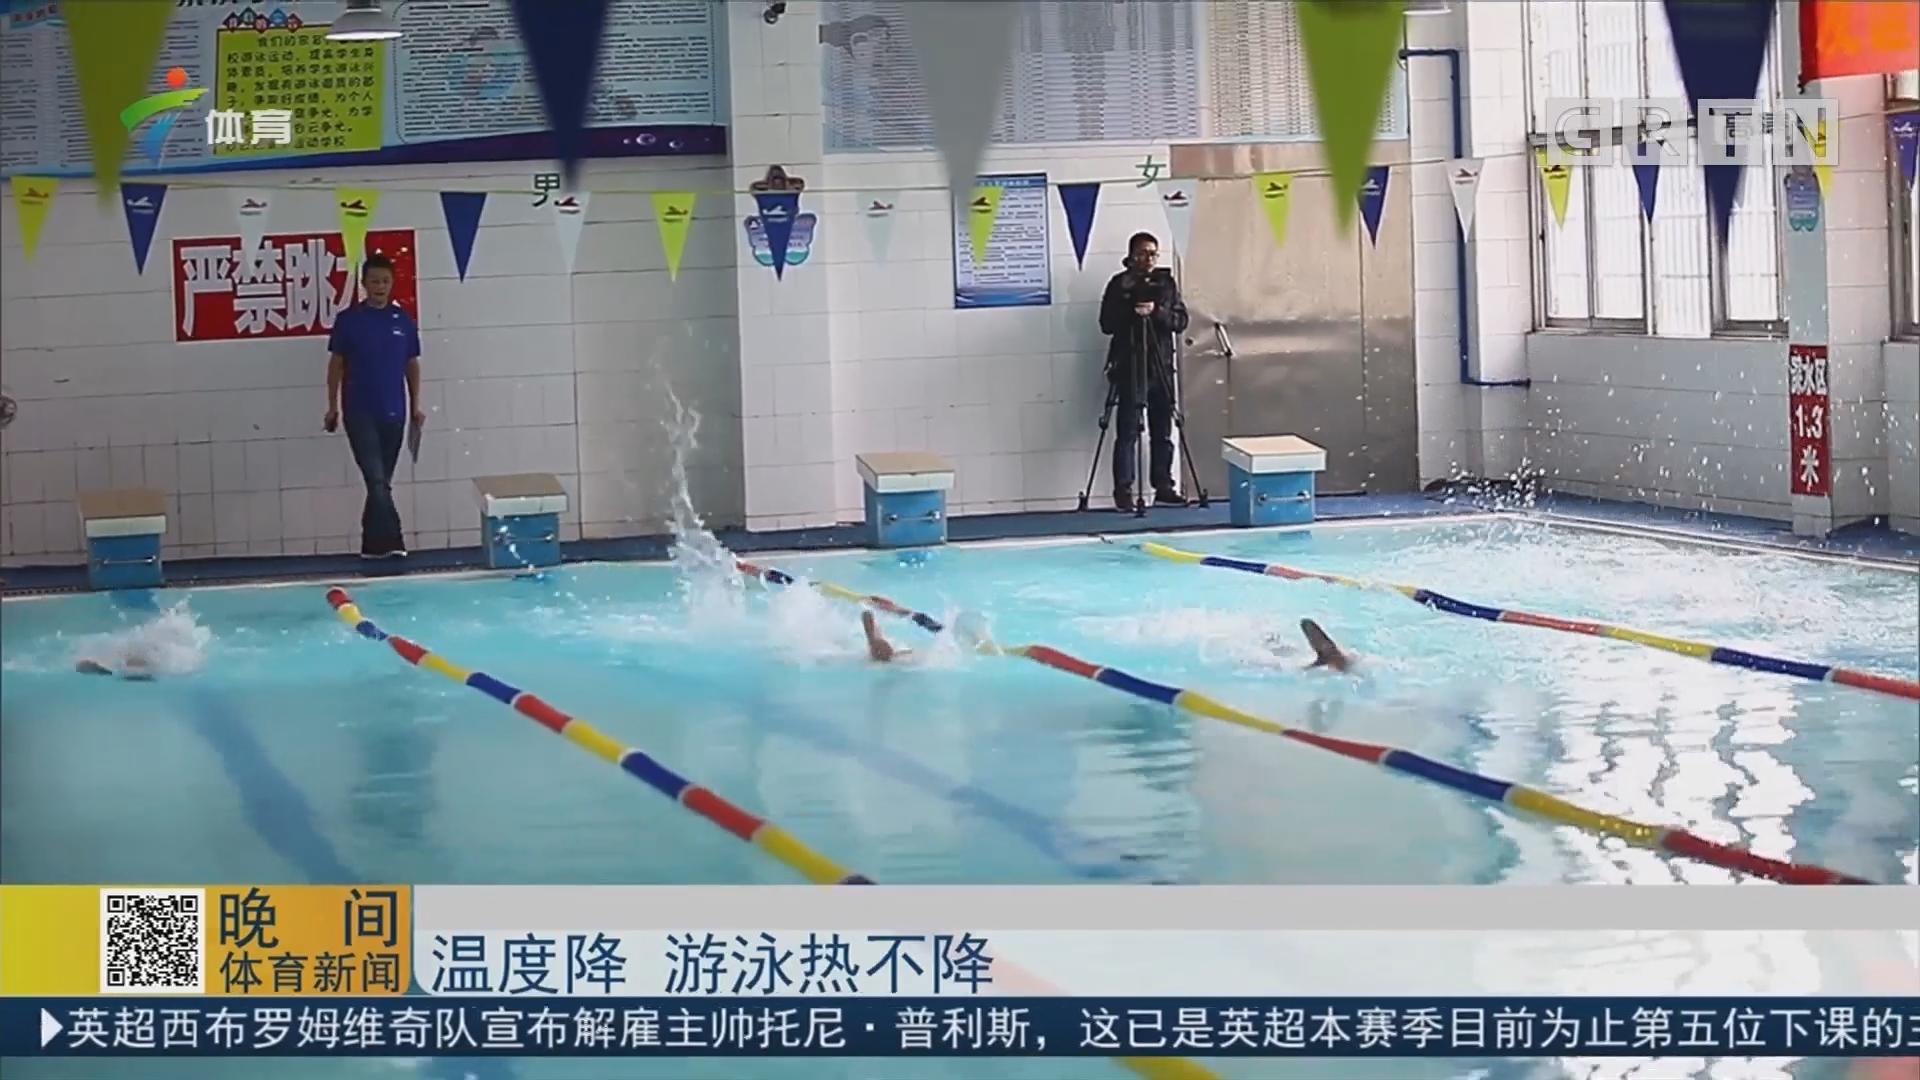 温度降 游泳热不降